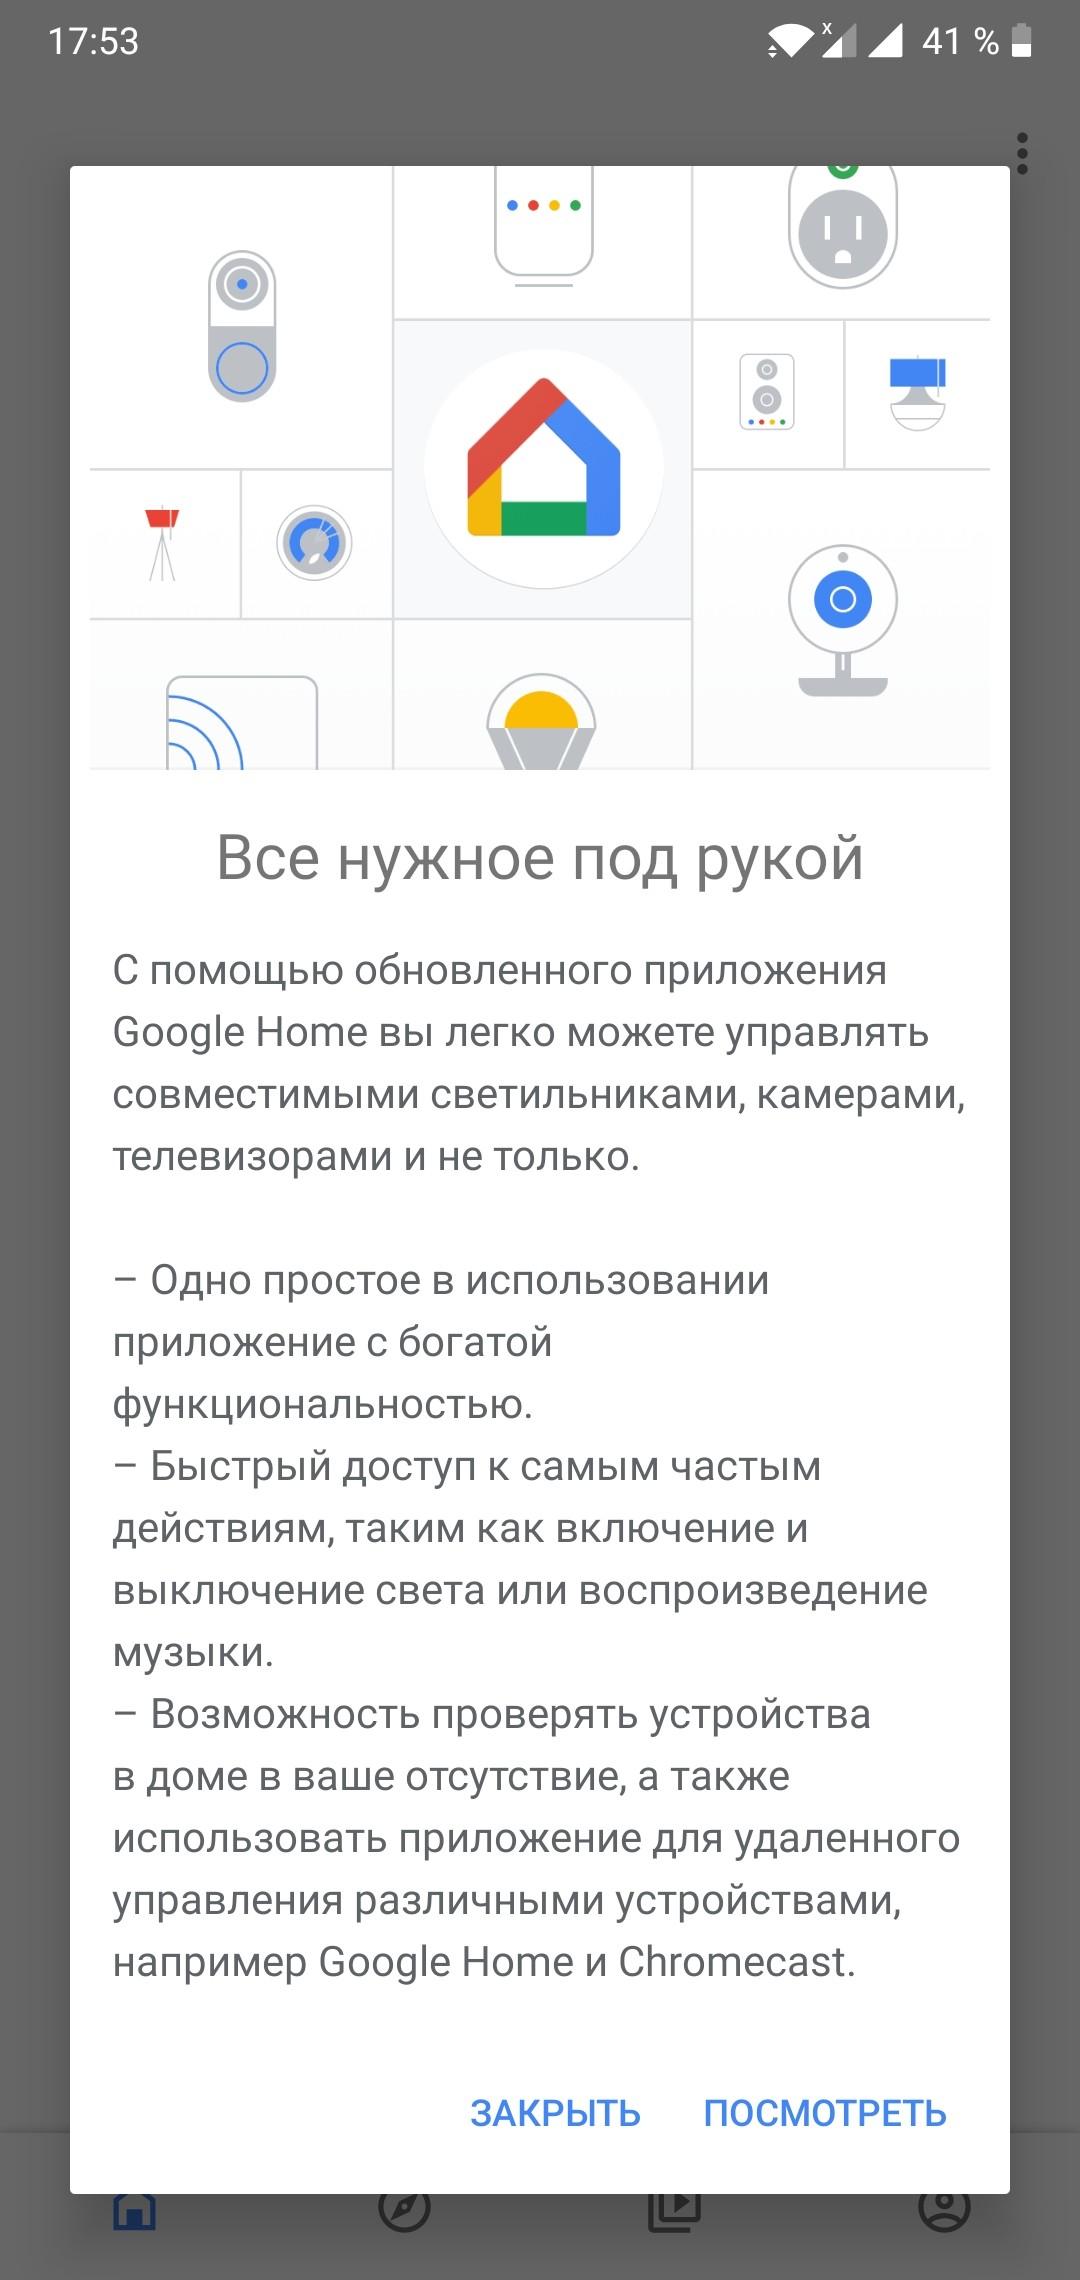 Приложение Google Home получило новый дизайн2